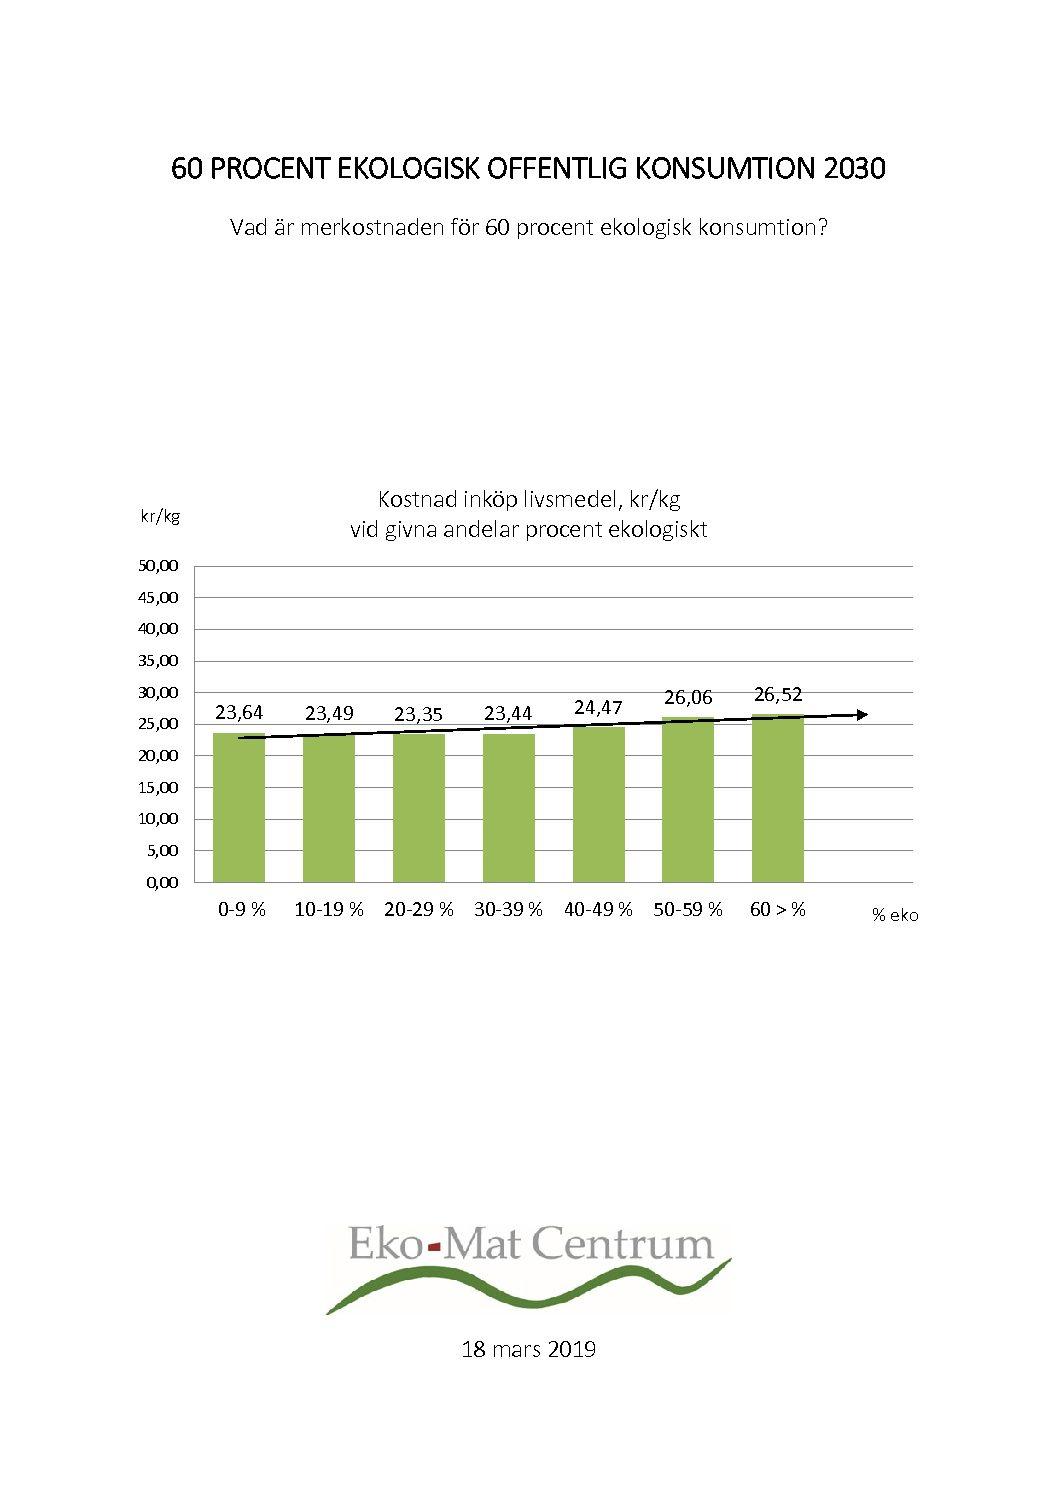 Merkostnad för 60 procent ekologisk konsumtion